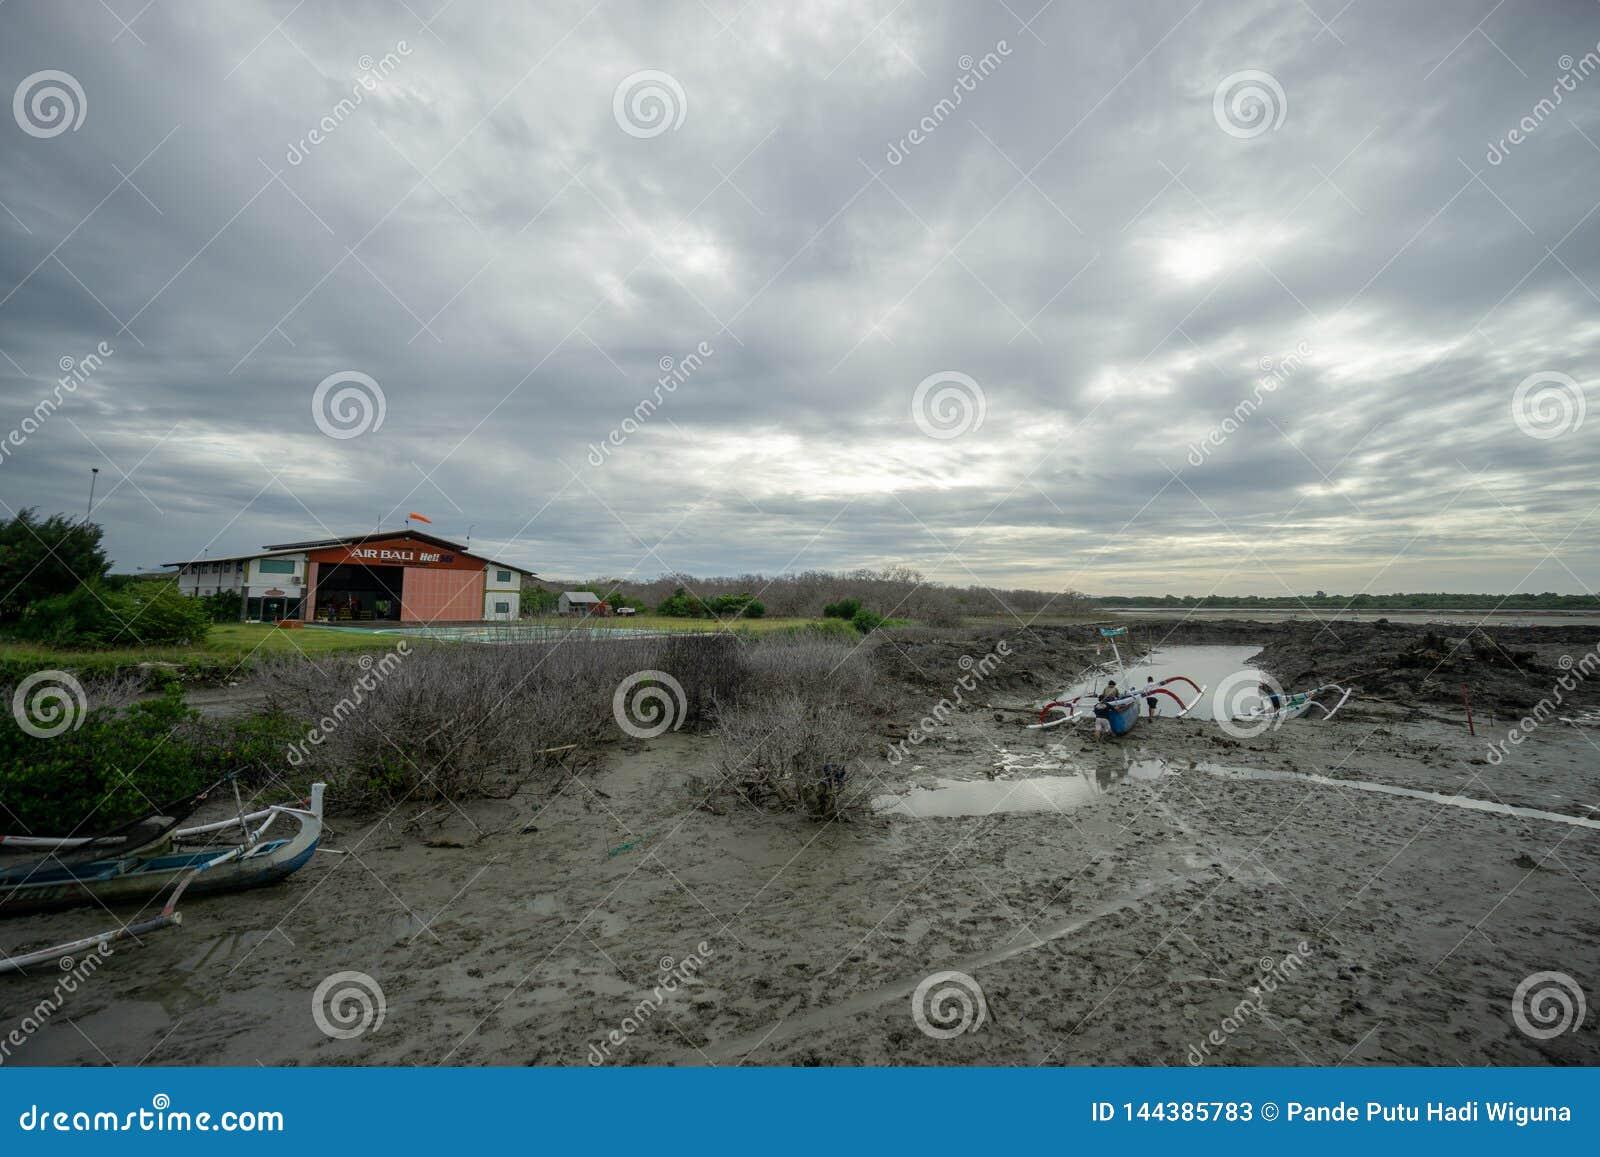 BADUNG, BALI/INDONESIA- 8 DE MARZO DE 2019: Barco del pescador pegado en el fango debido a marea baja en Benoa